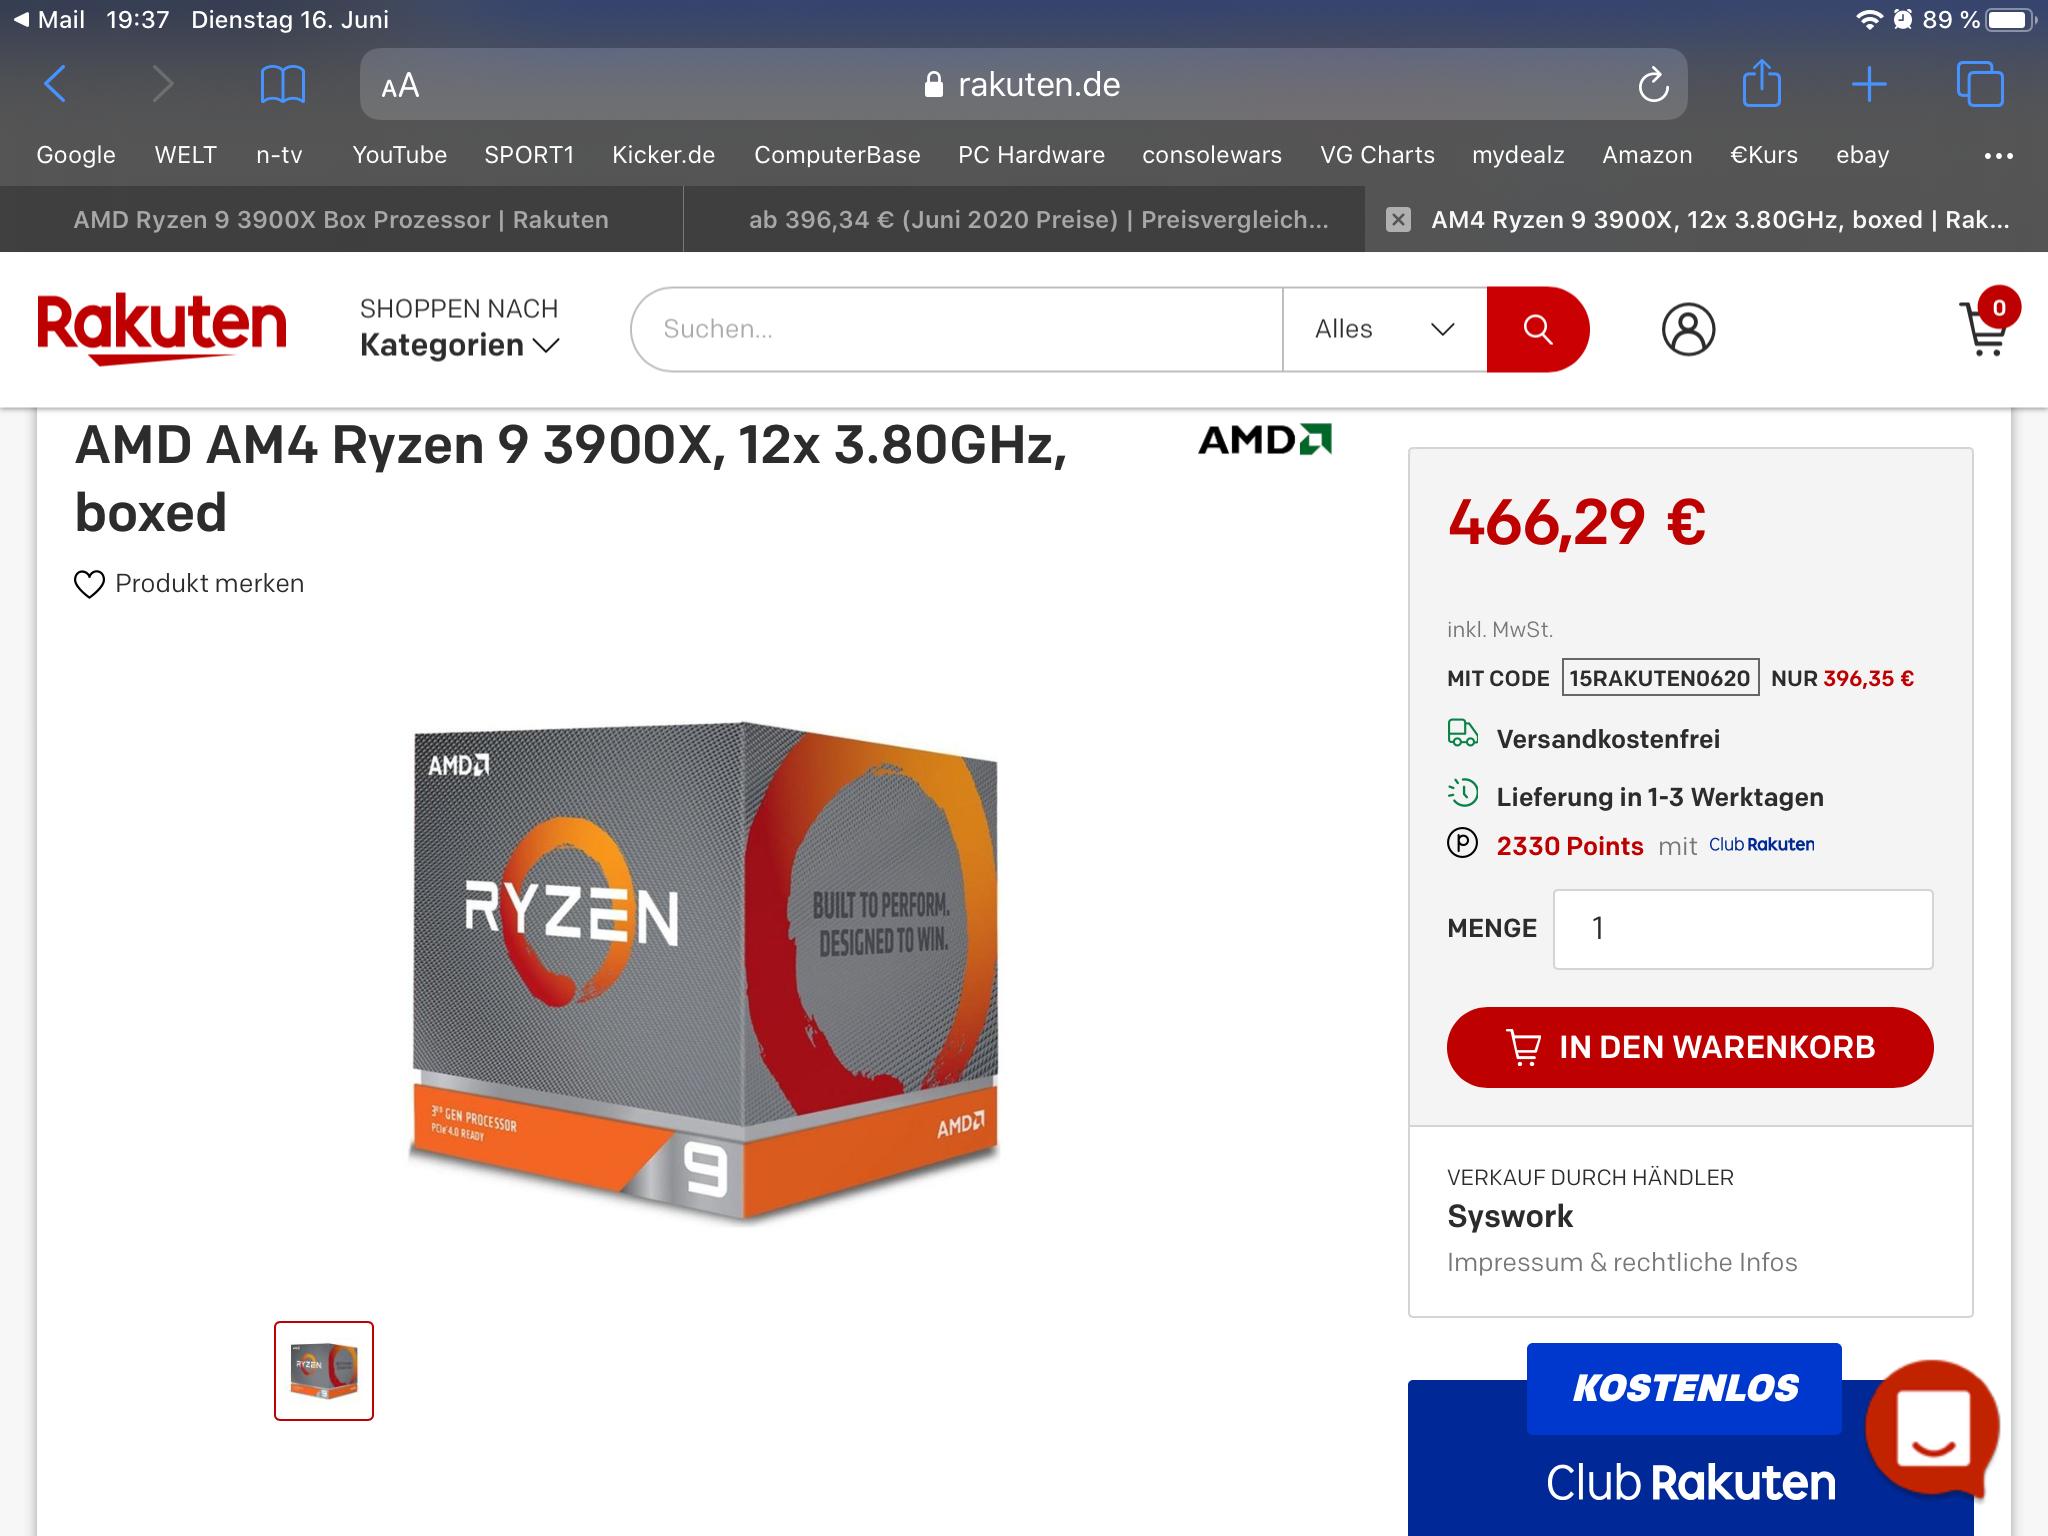 AMD Ryzen 9 3900X boxed mit Kühler